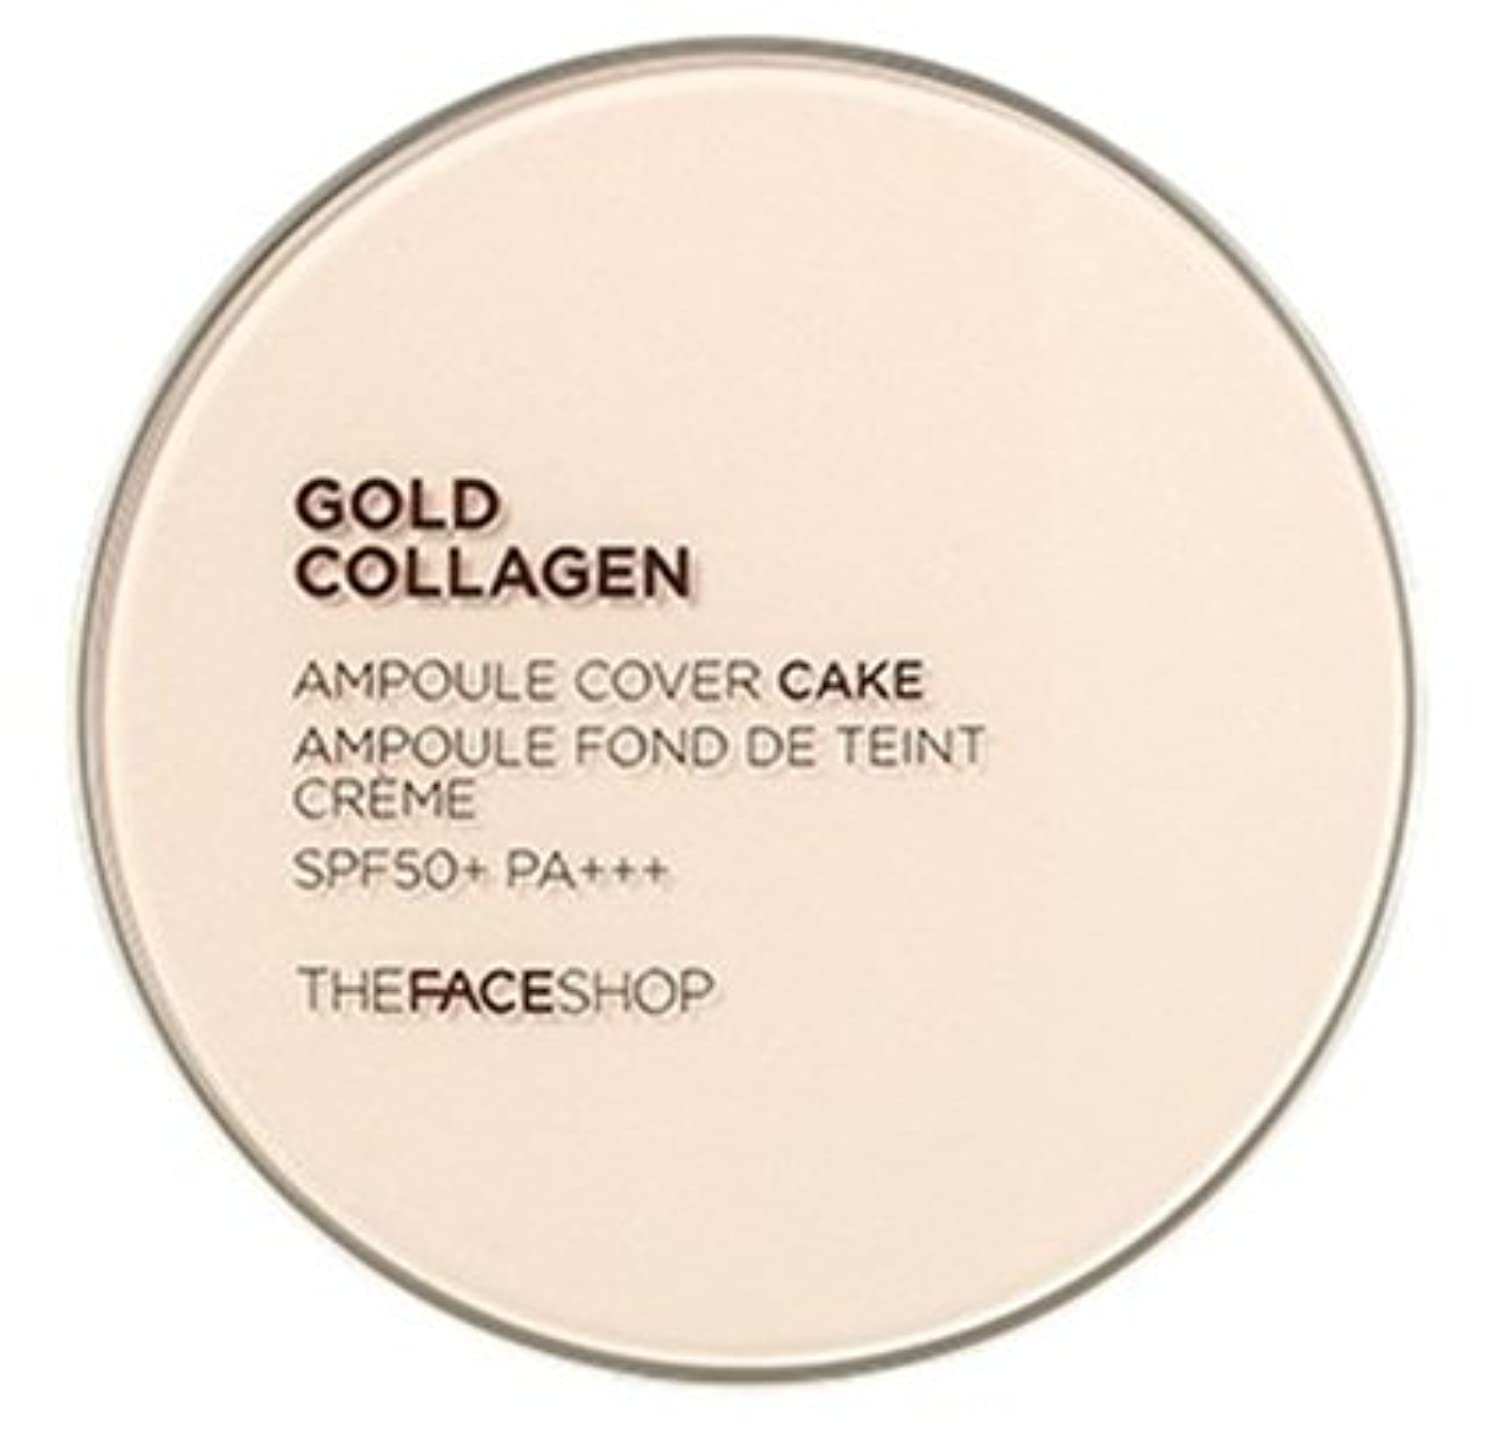 四半期測定可能頼むザフェイスショップ(The Face Shop) ゴールドコラーゲンアンプルカバーケーキ #N203